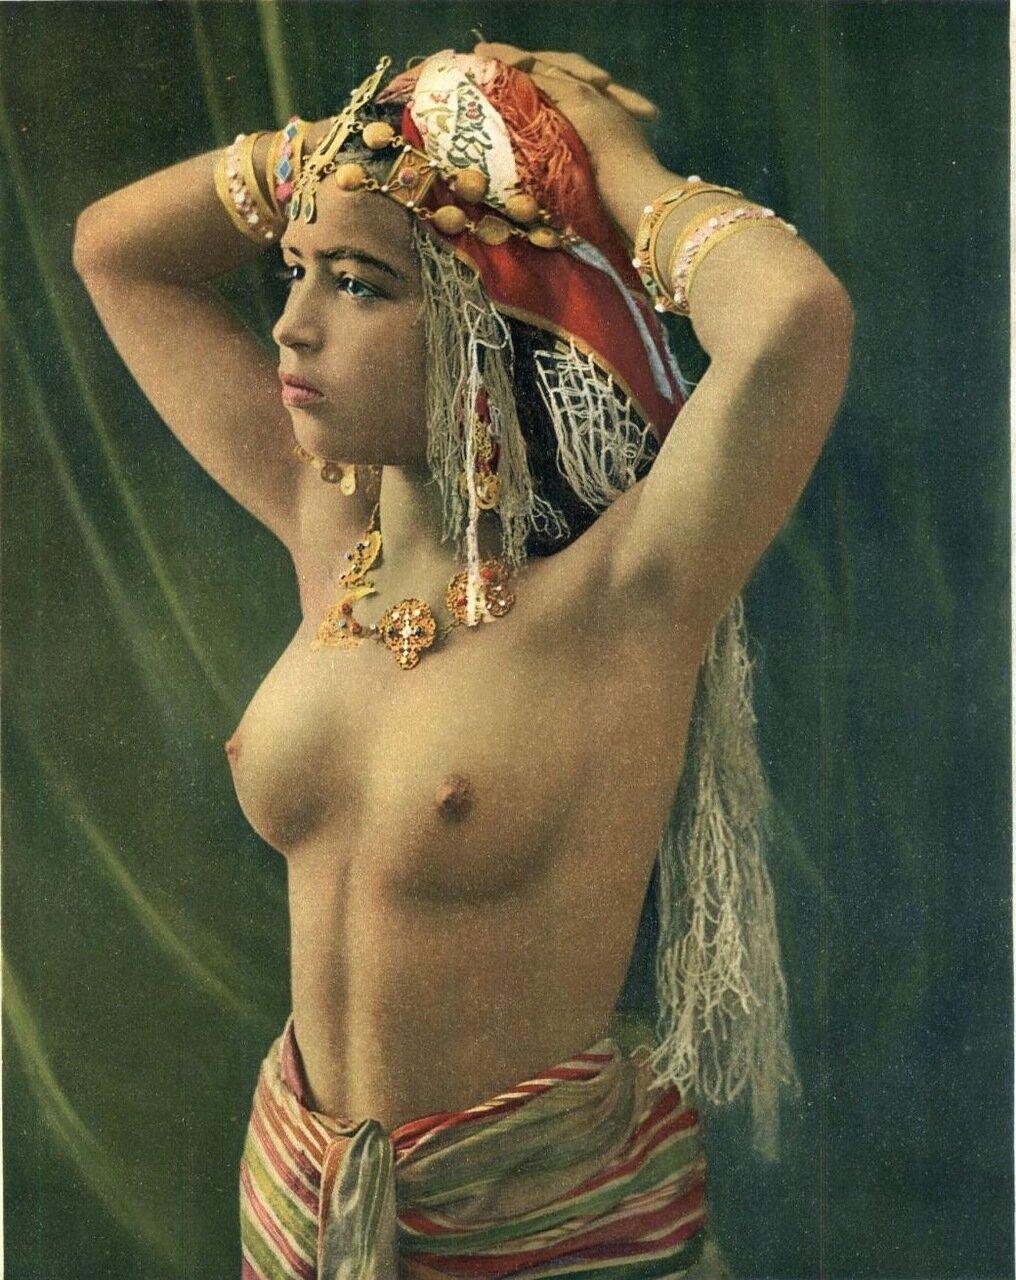 Фото арабок самые красивых девушек 13 фотография